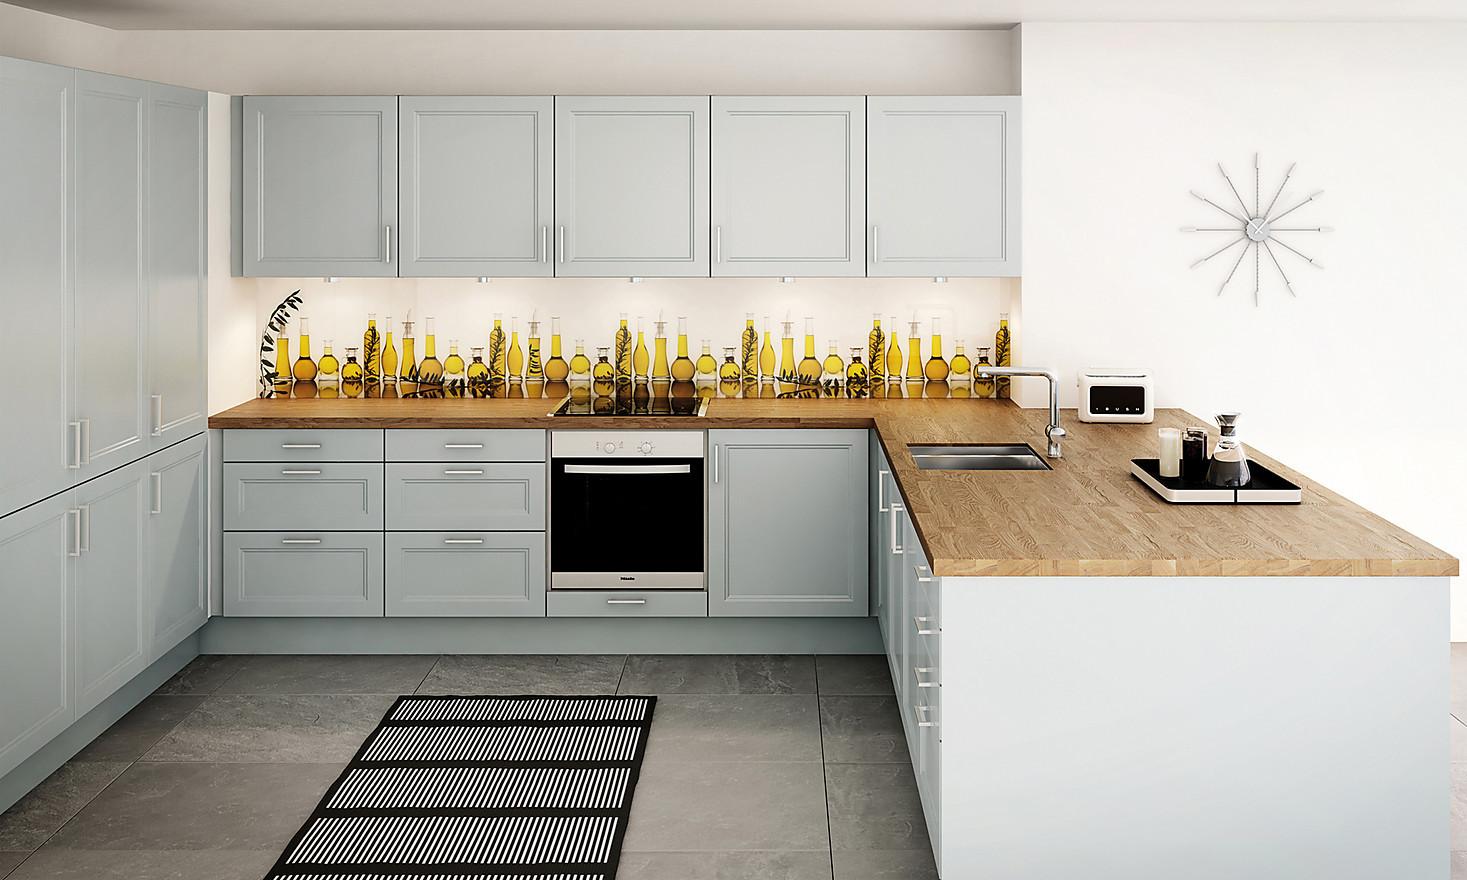 Full Size of Ablage Küche Holzarbeitsplatten Arbeitsplatten Aus Echtholz Und Massivholz Landhausküche Gebraucht Weisse Was Kostet Eine Rückwand Glas Küchen Regal Wohnzimmer Ablage Küche